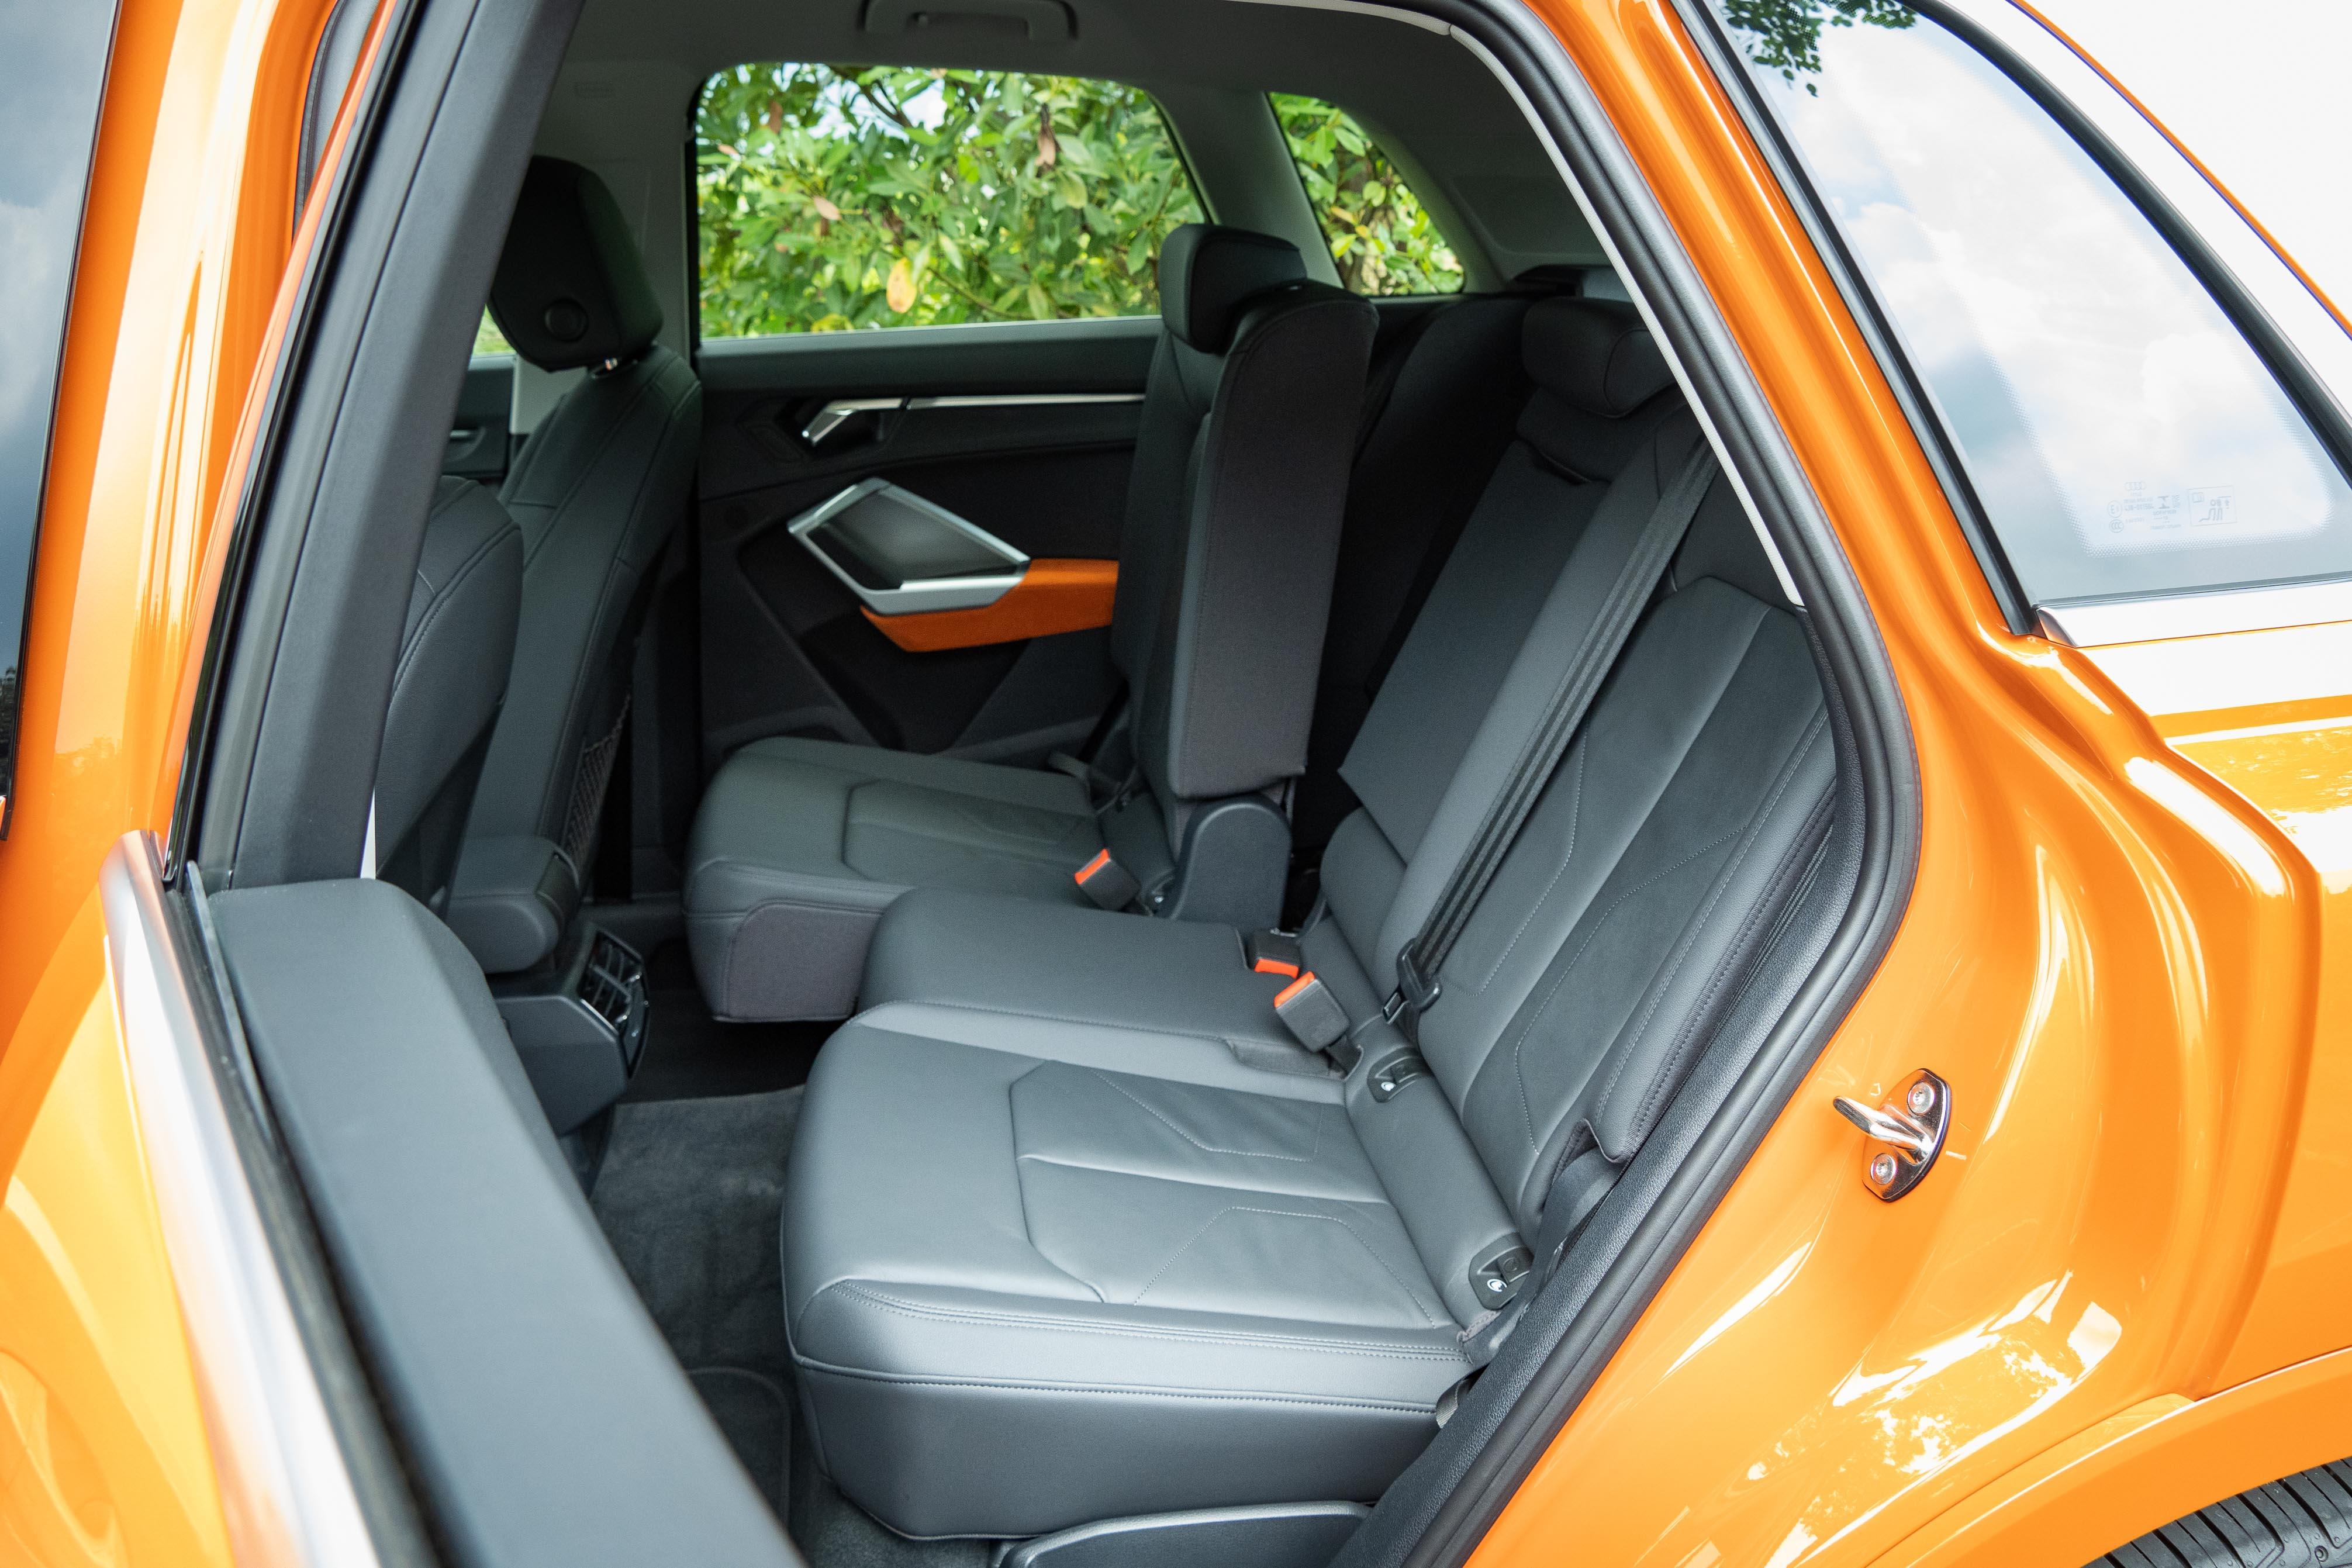 標配高階後座套件,含前後滑移、椅背調整、中央扶手與置杯架。